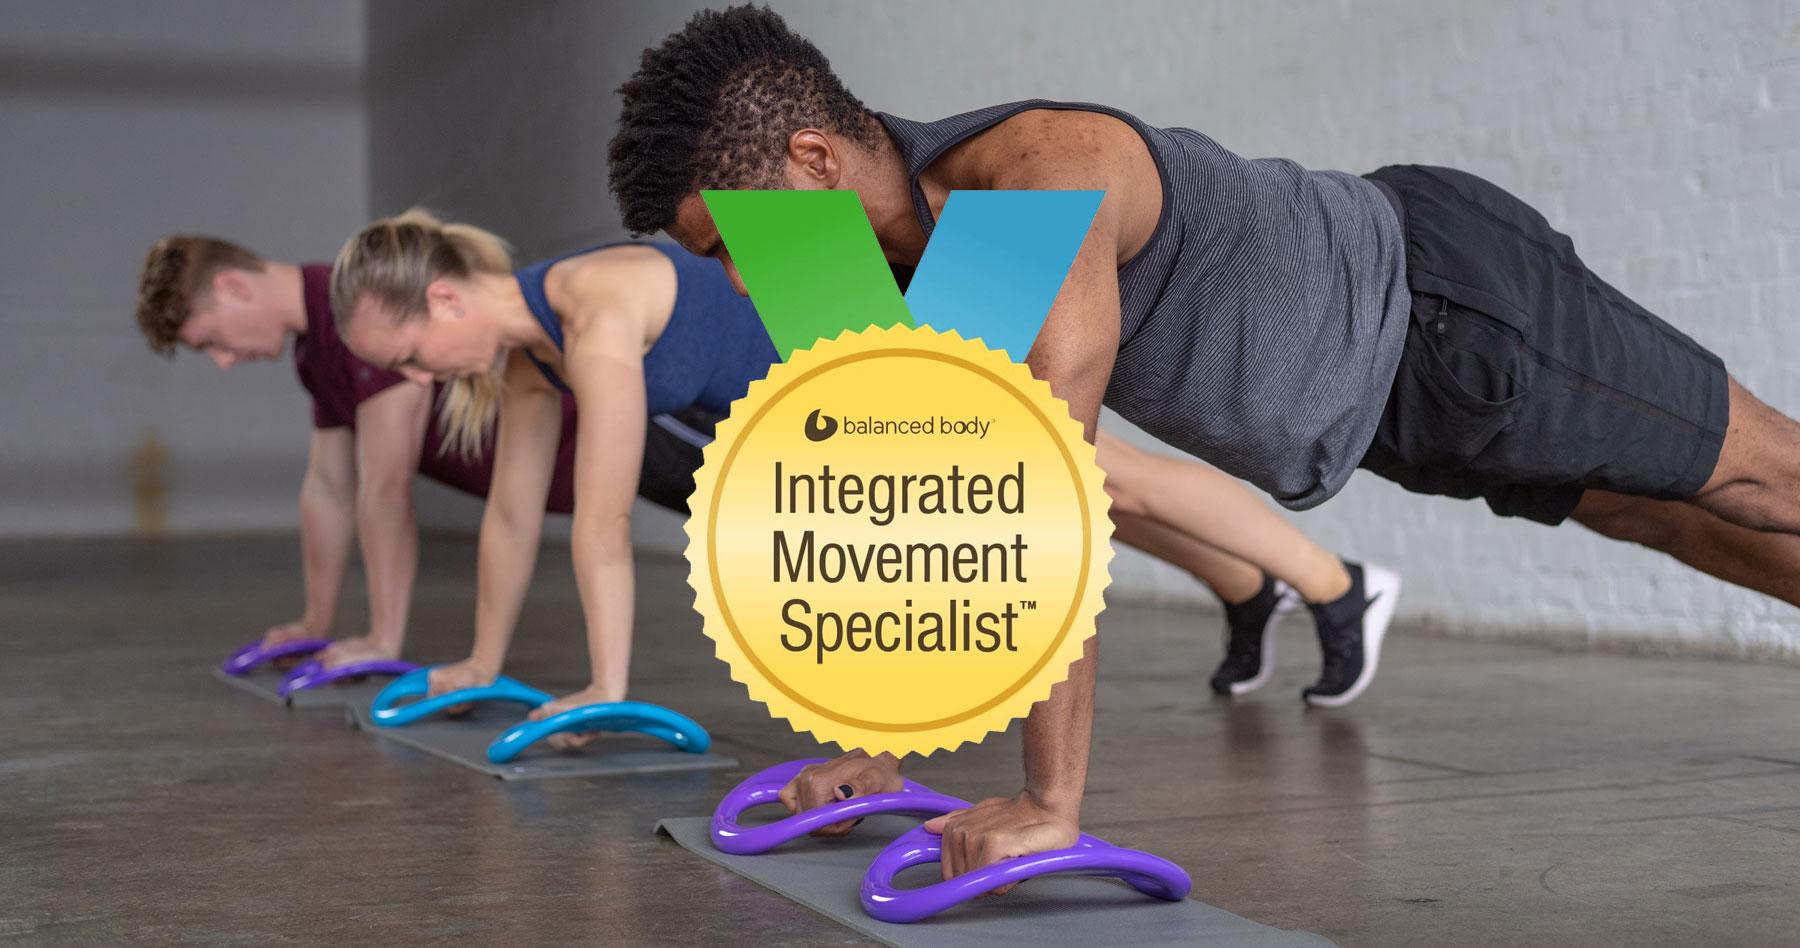 Especialista-de-Movimiento-Integrado-Balanced-Body